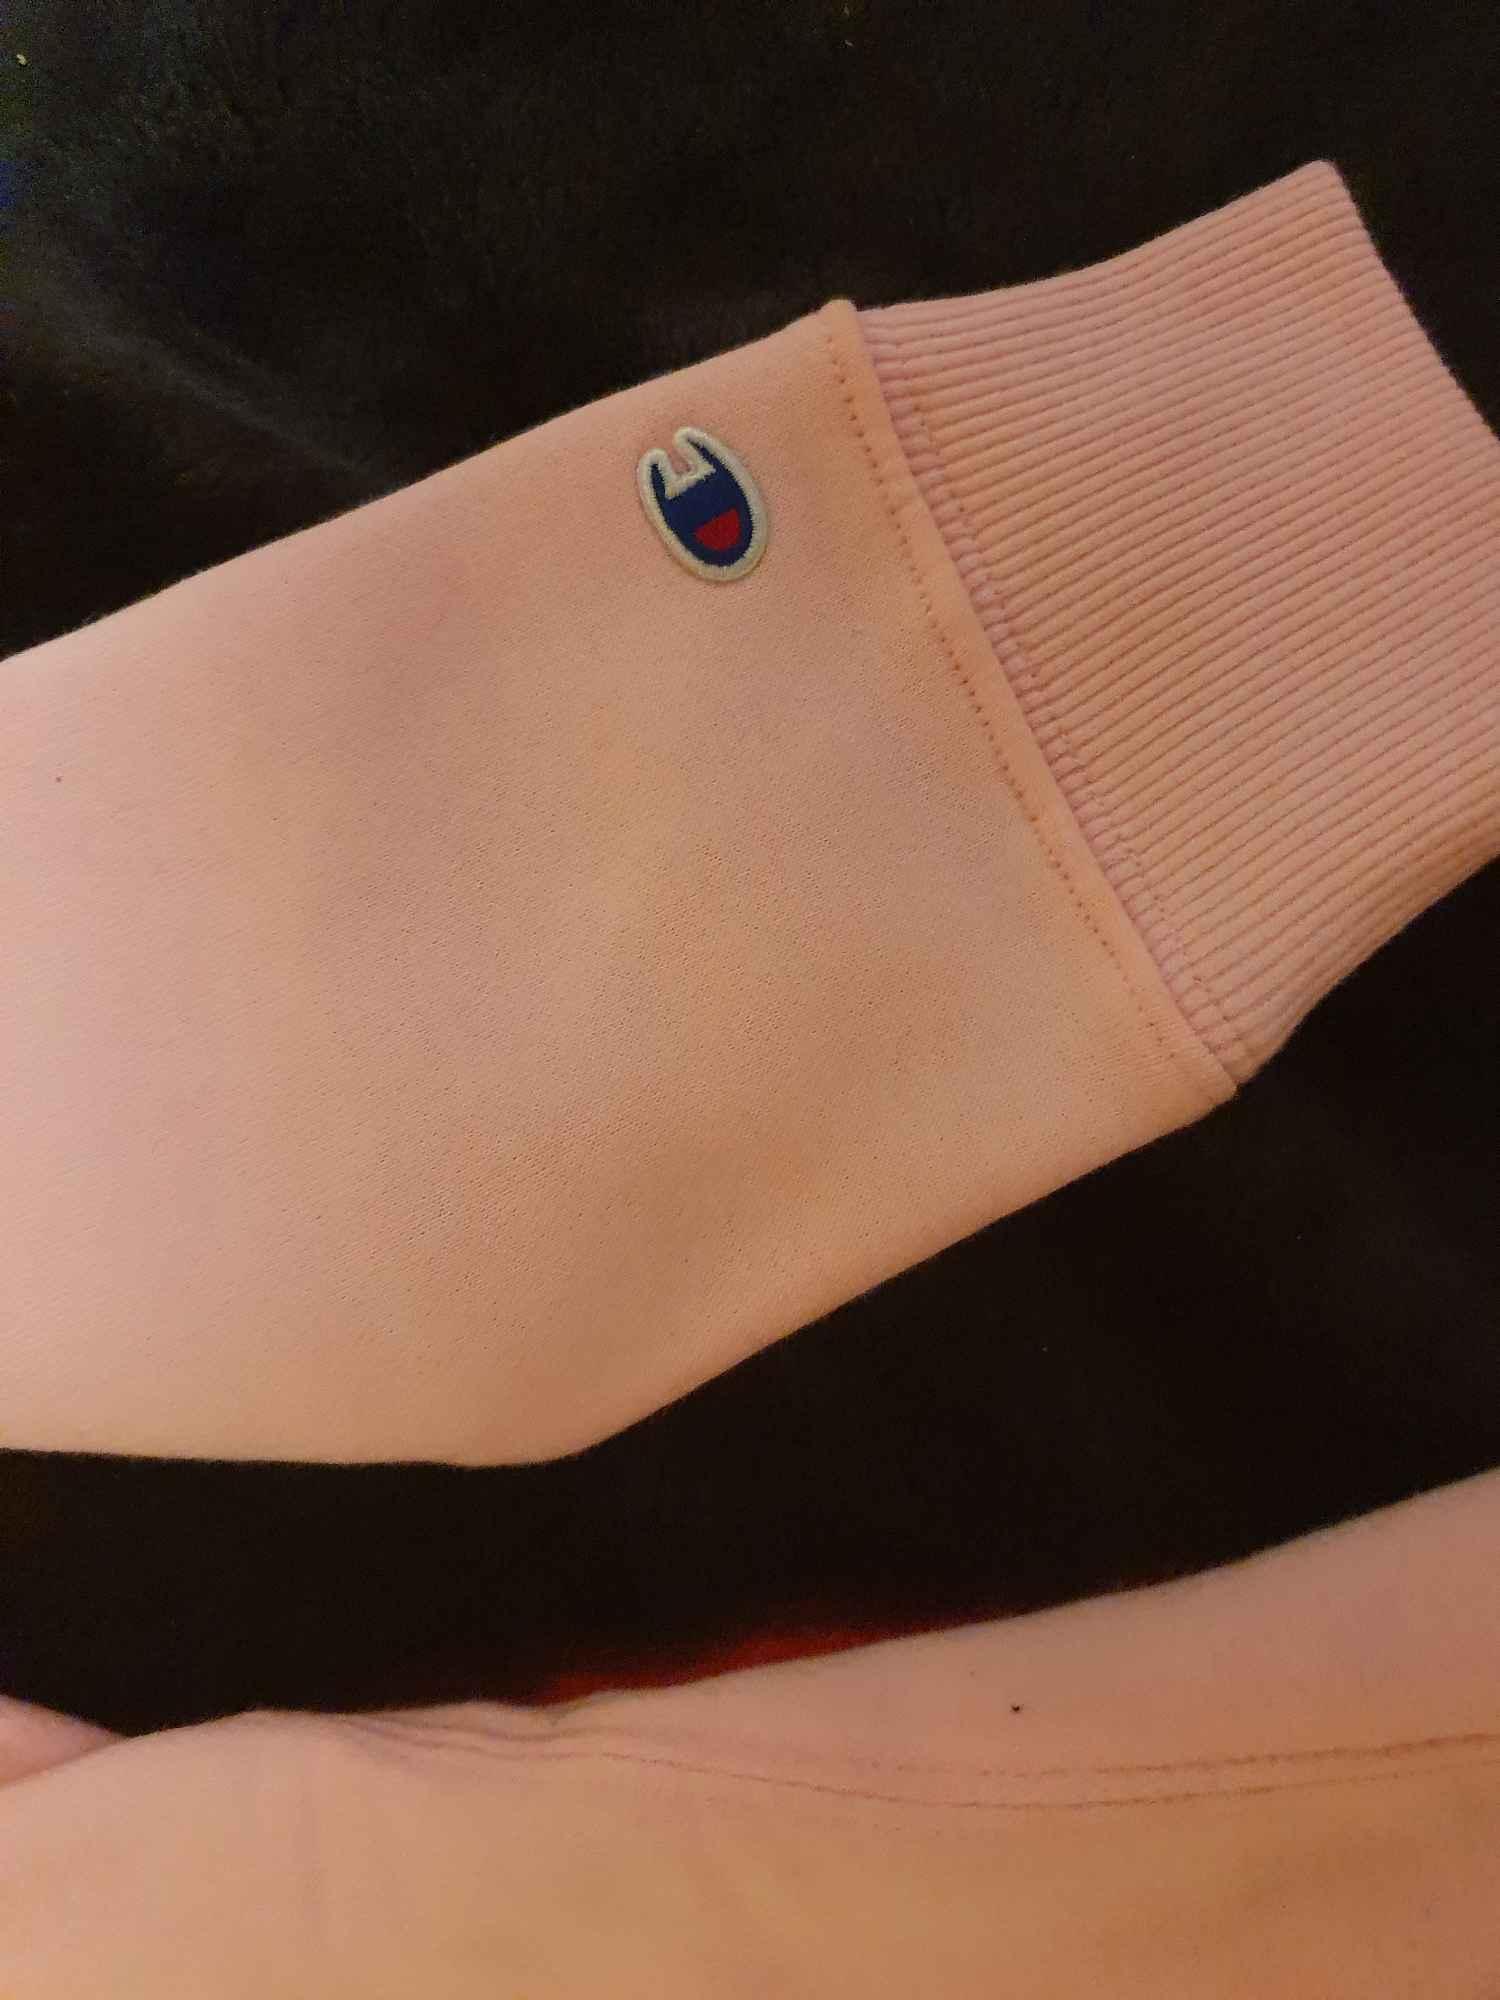 Bluza różowa Champion Rozmiar M  - 13 lat Włocławek - zdjęcie 5